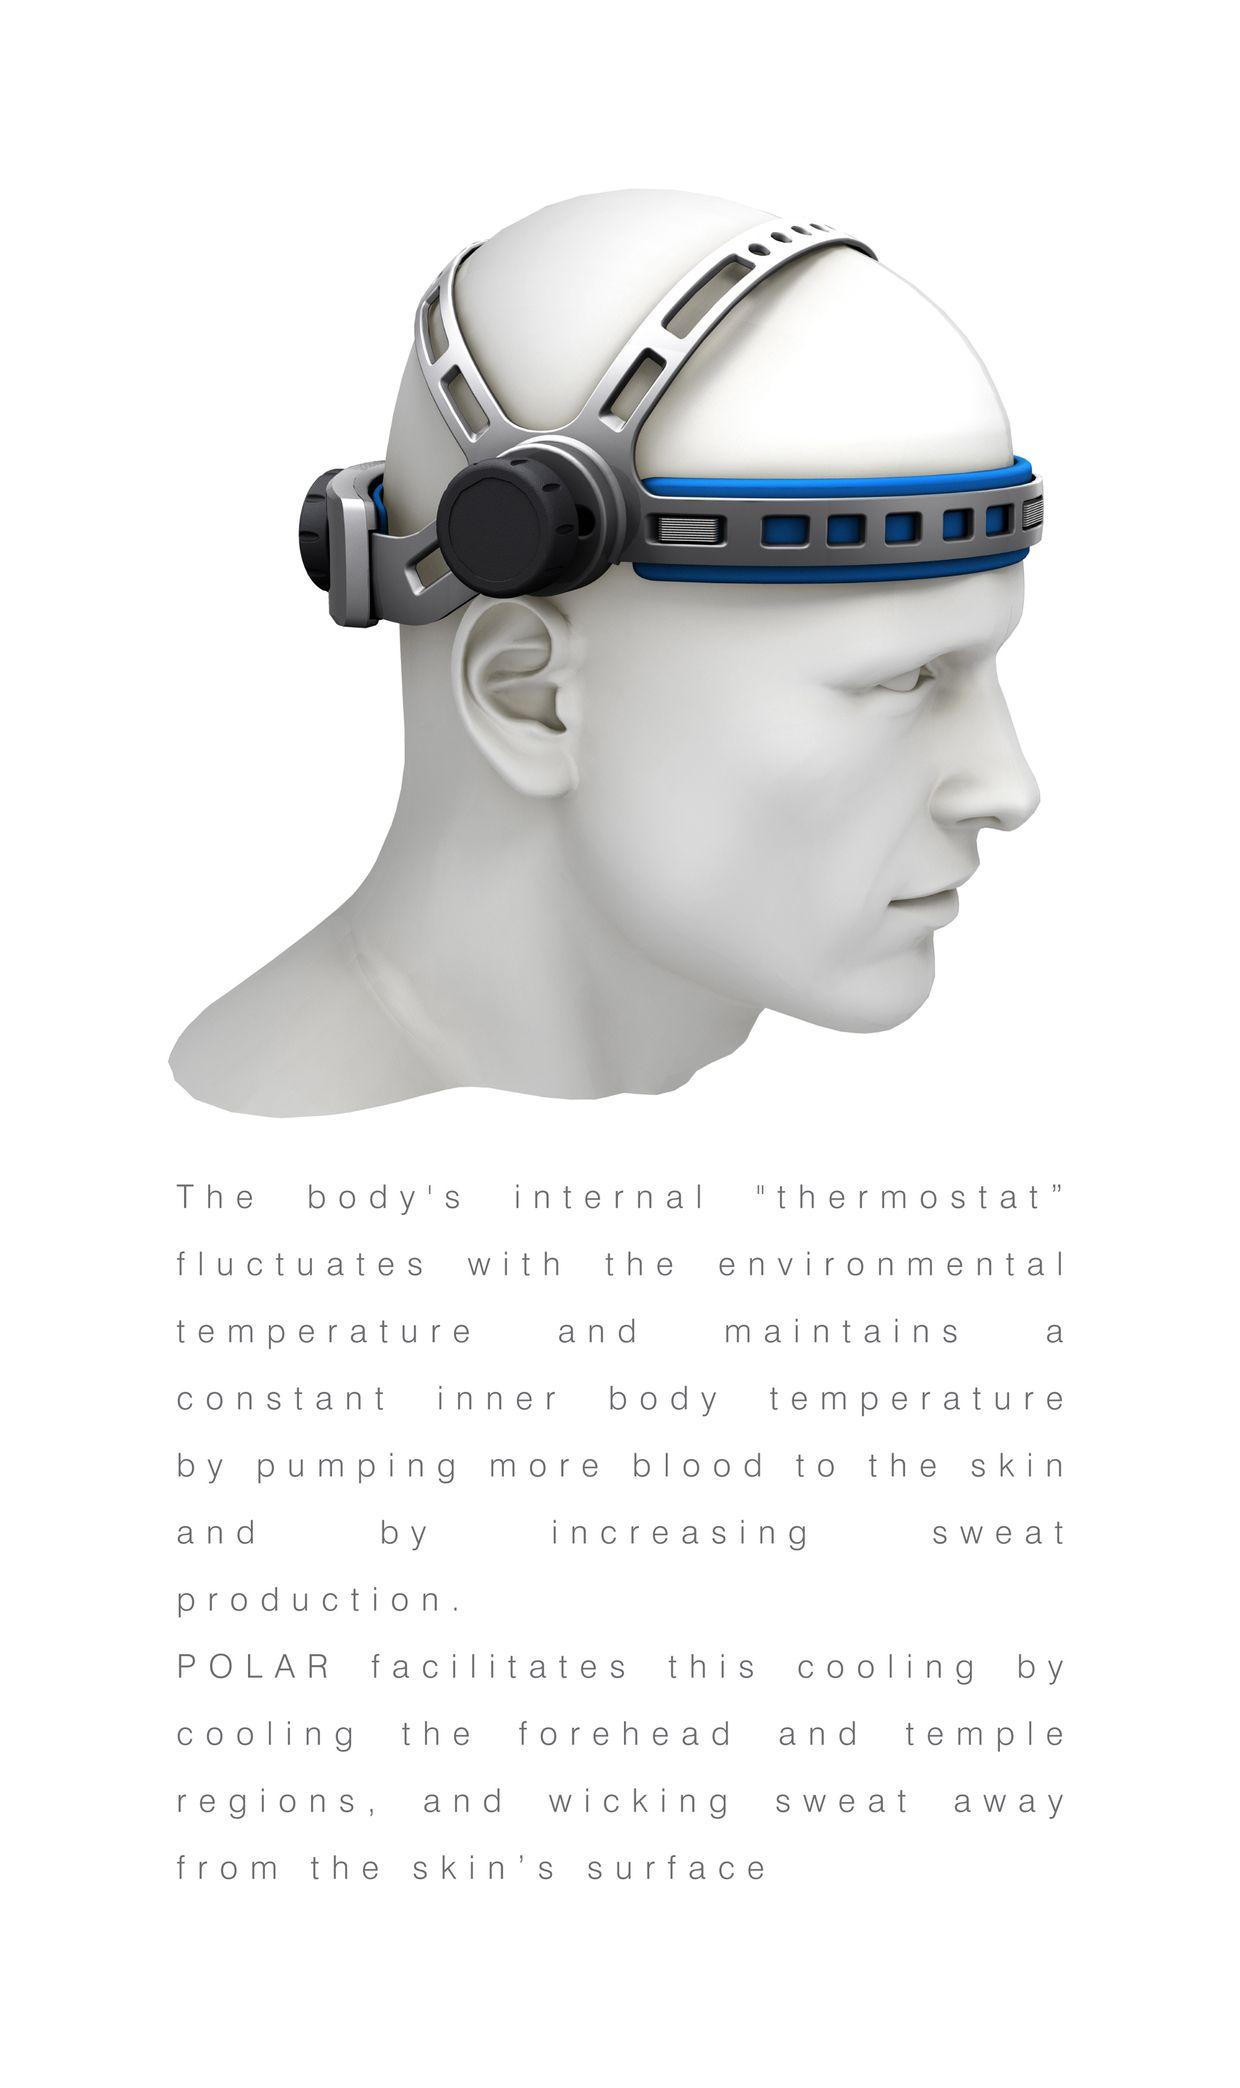 Polar Welding Helmet Cooling System Welding Helmet Welding